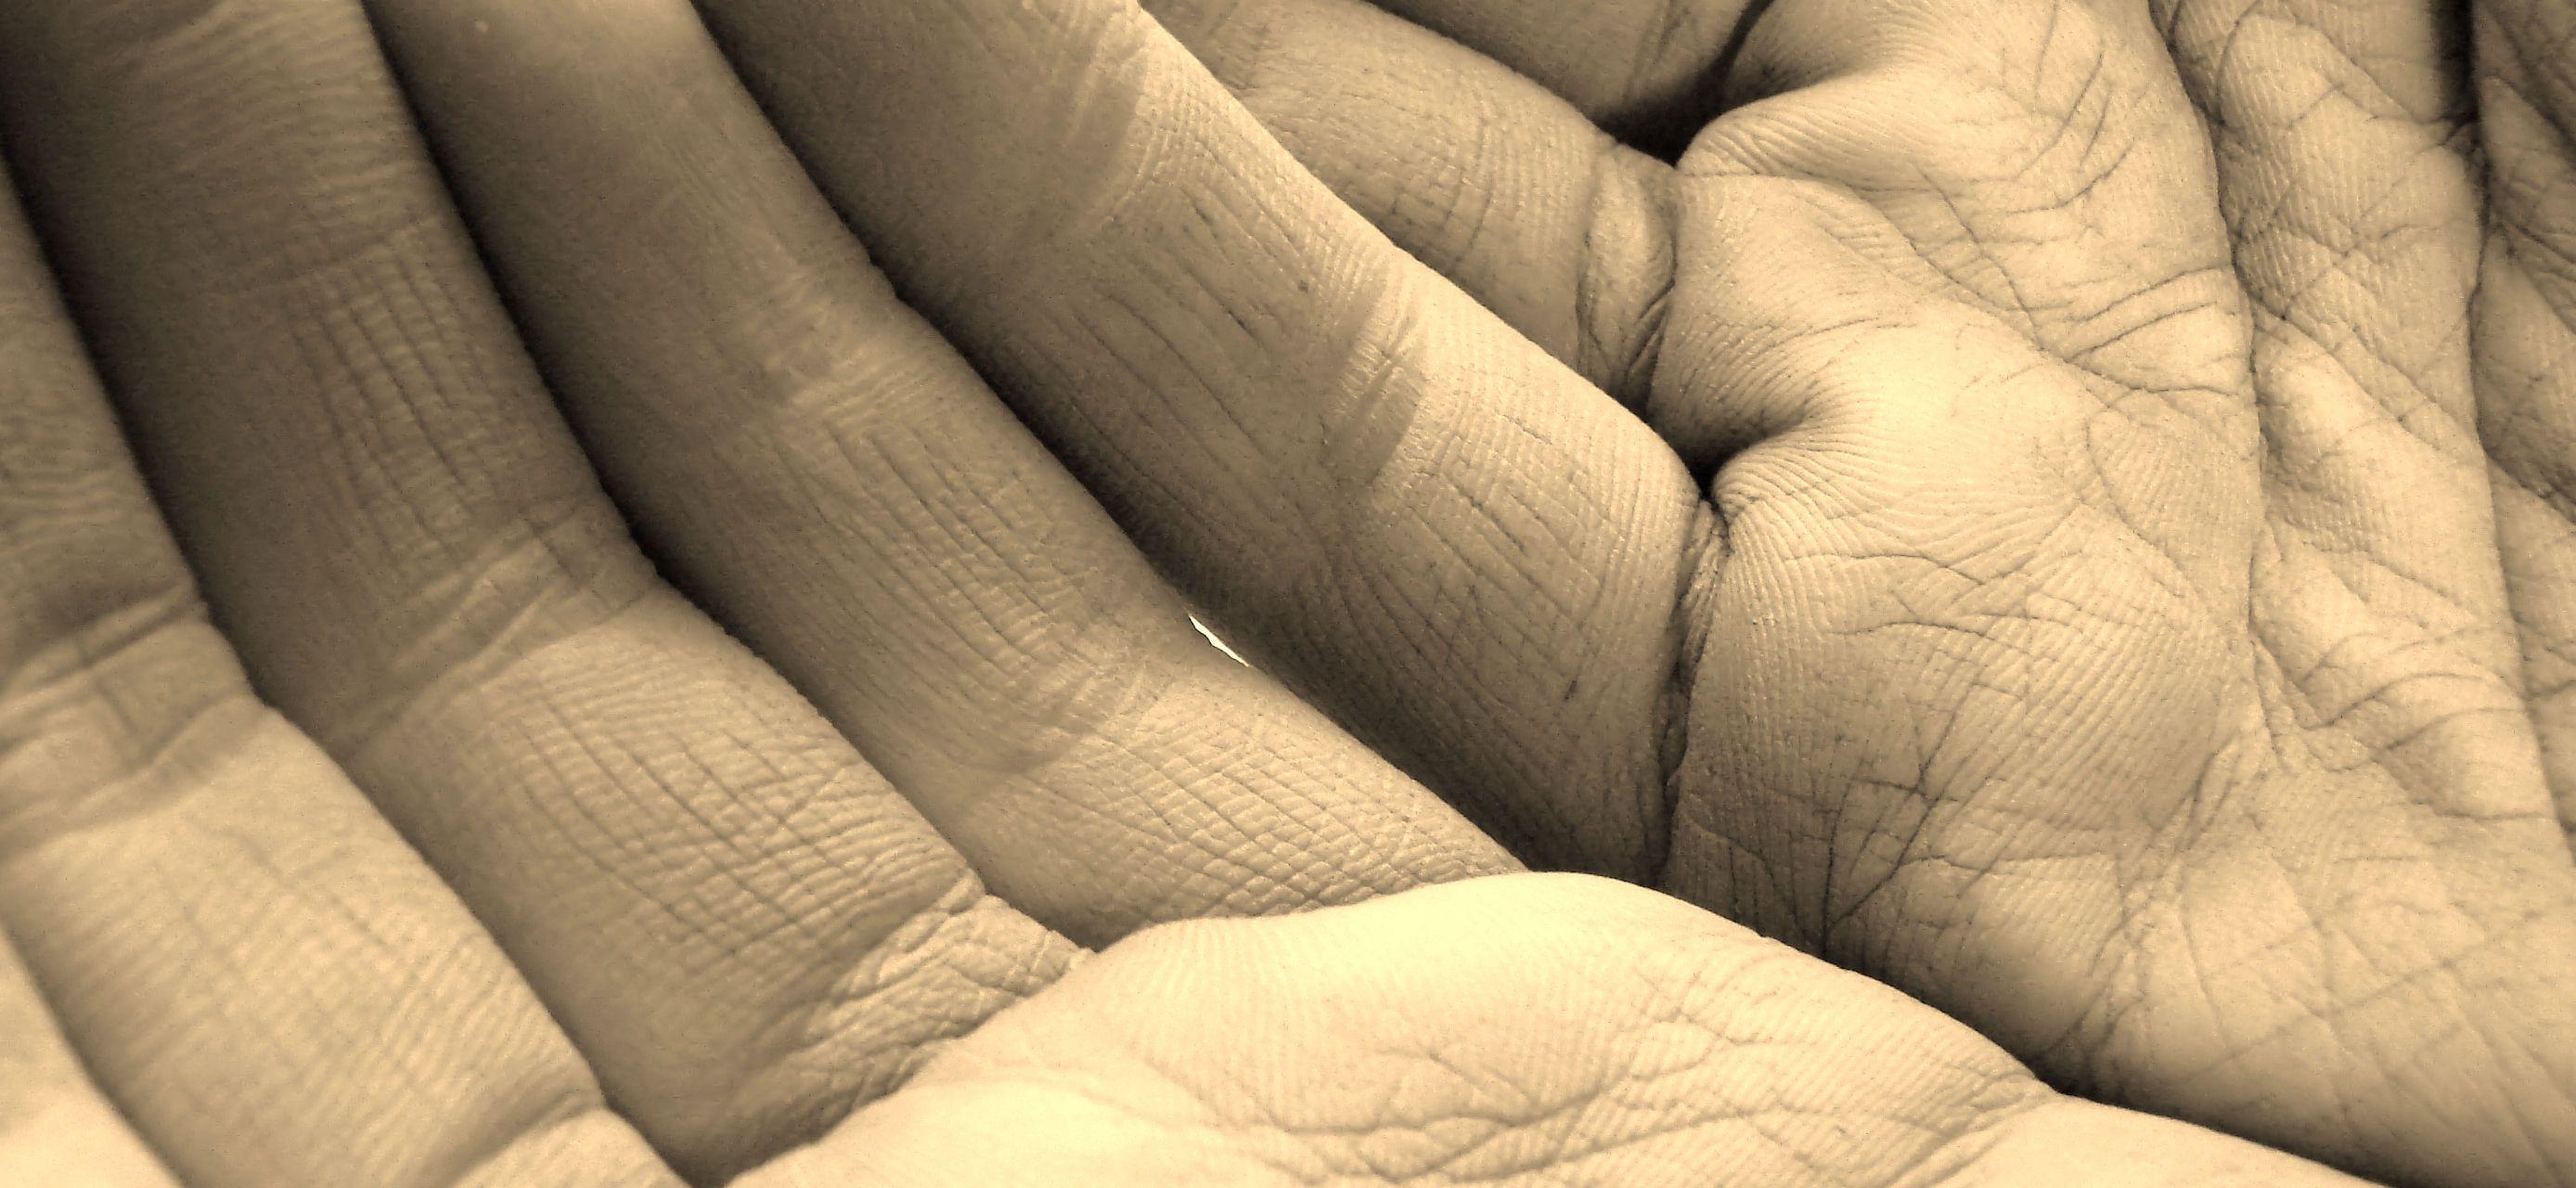 La 'piel sensible' no es una dolencia diagnosticable médicamente o, al menos, no suele serlo. Muchas personas, mujeres mayoritariamente, refieren irritaciones, picores y molestias y, otras muchas, por haberse acostumbrado, pasan a considerarlo algo normal. En este post, vamos a identificar algunas de esas desagradables sensaciones y reacciones dermatológicas que nos hacen hablar, como ya hemos dicho, de 'pieles sensibles'.